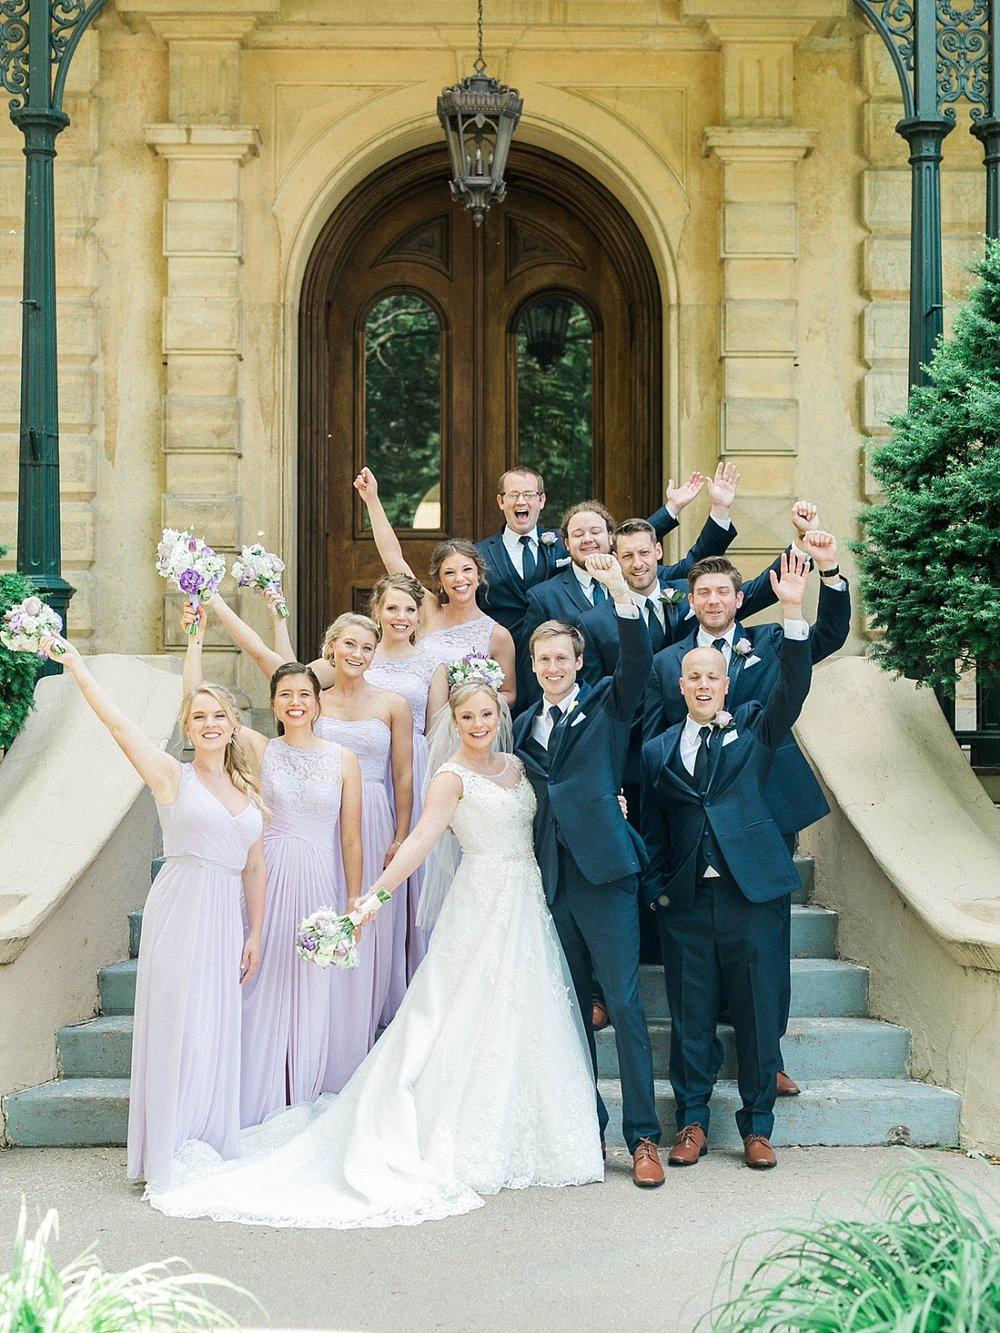 Miriam bulcher wedding Photography